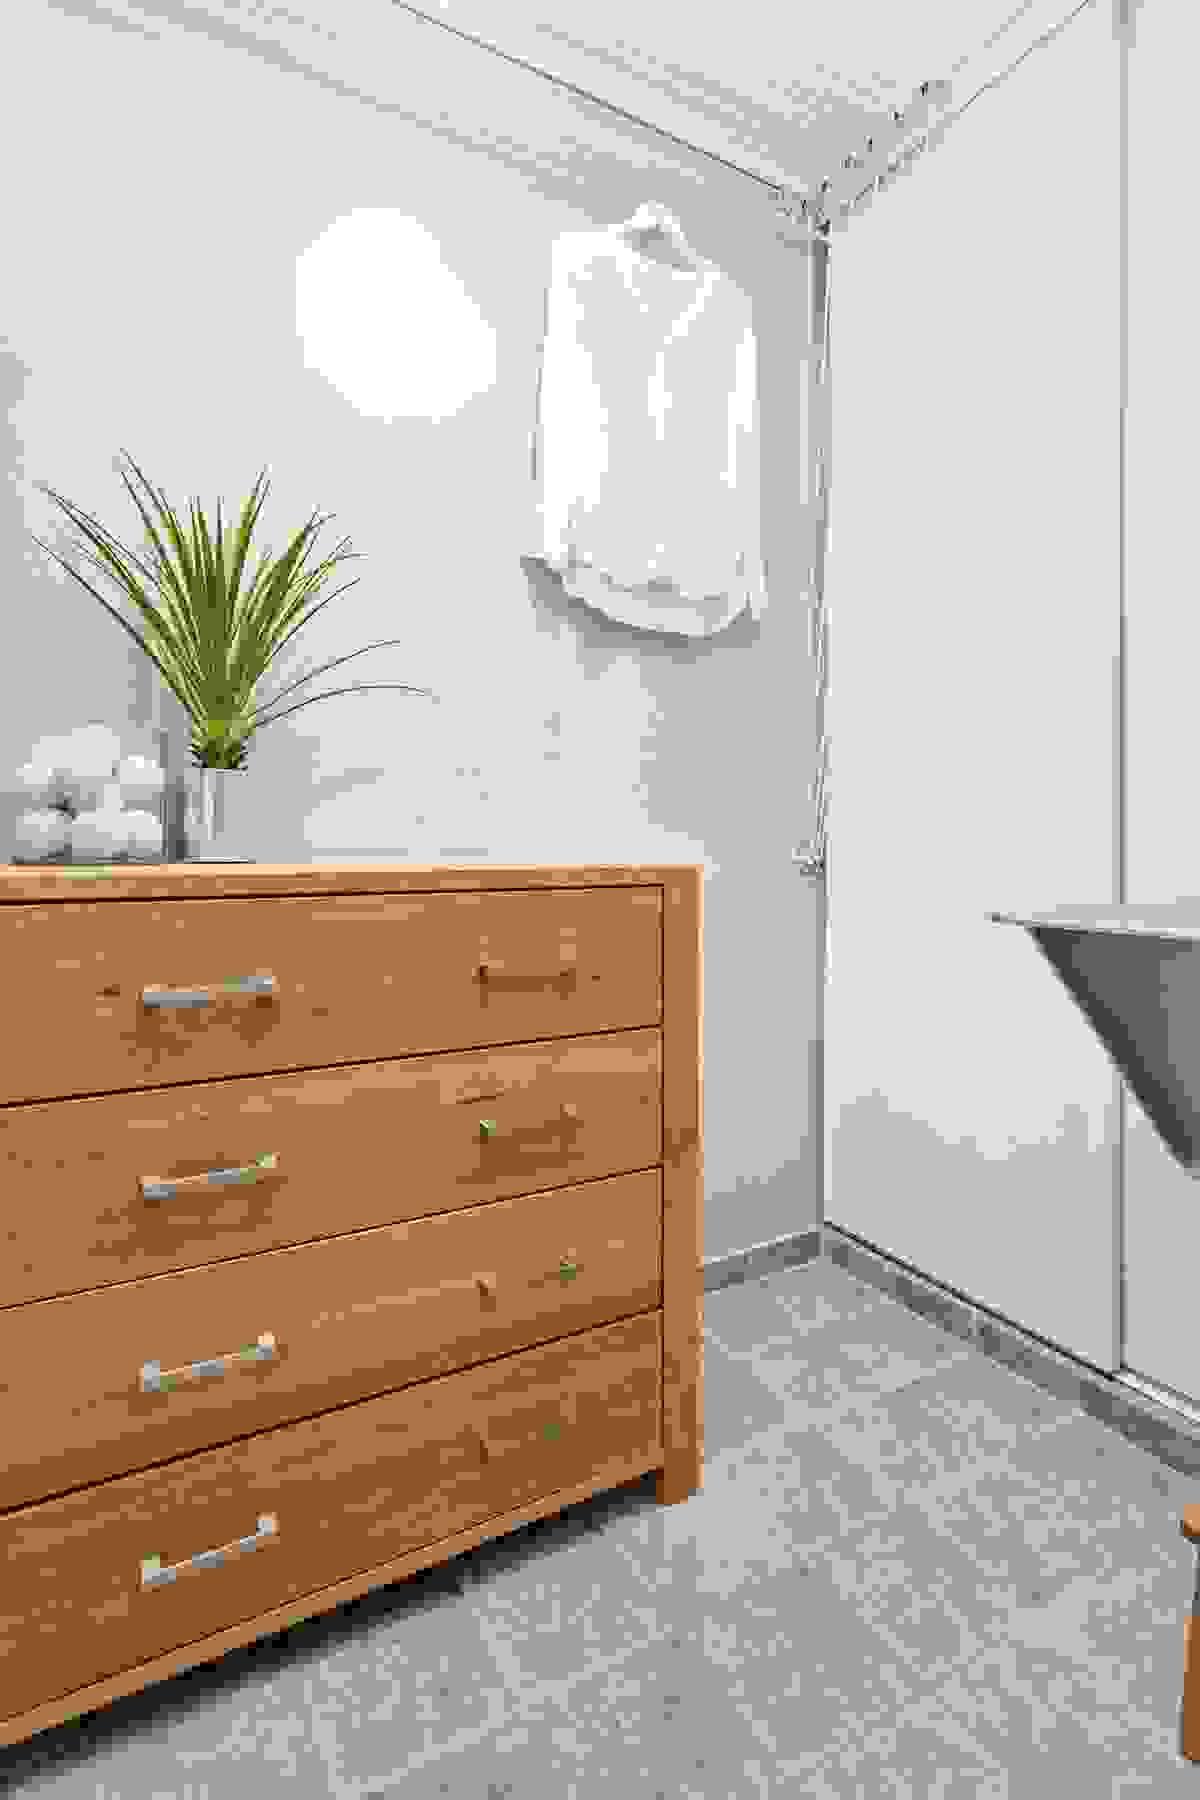 Vaskerommet har flislagt gulv, og innehar blant annet et montert tørkestativ, noe lagringsplass og veggmontert vaskekum